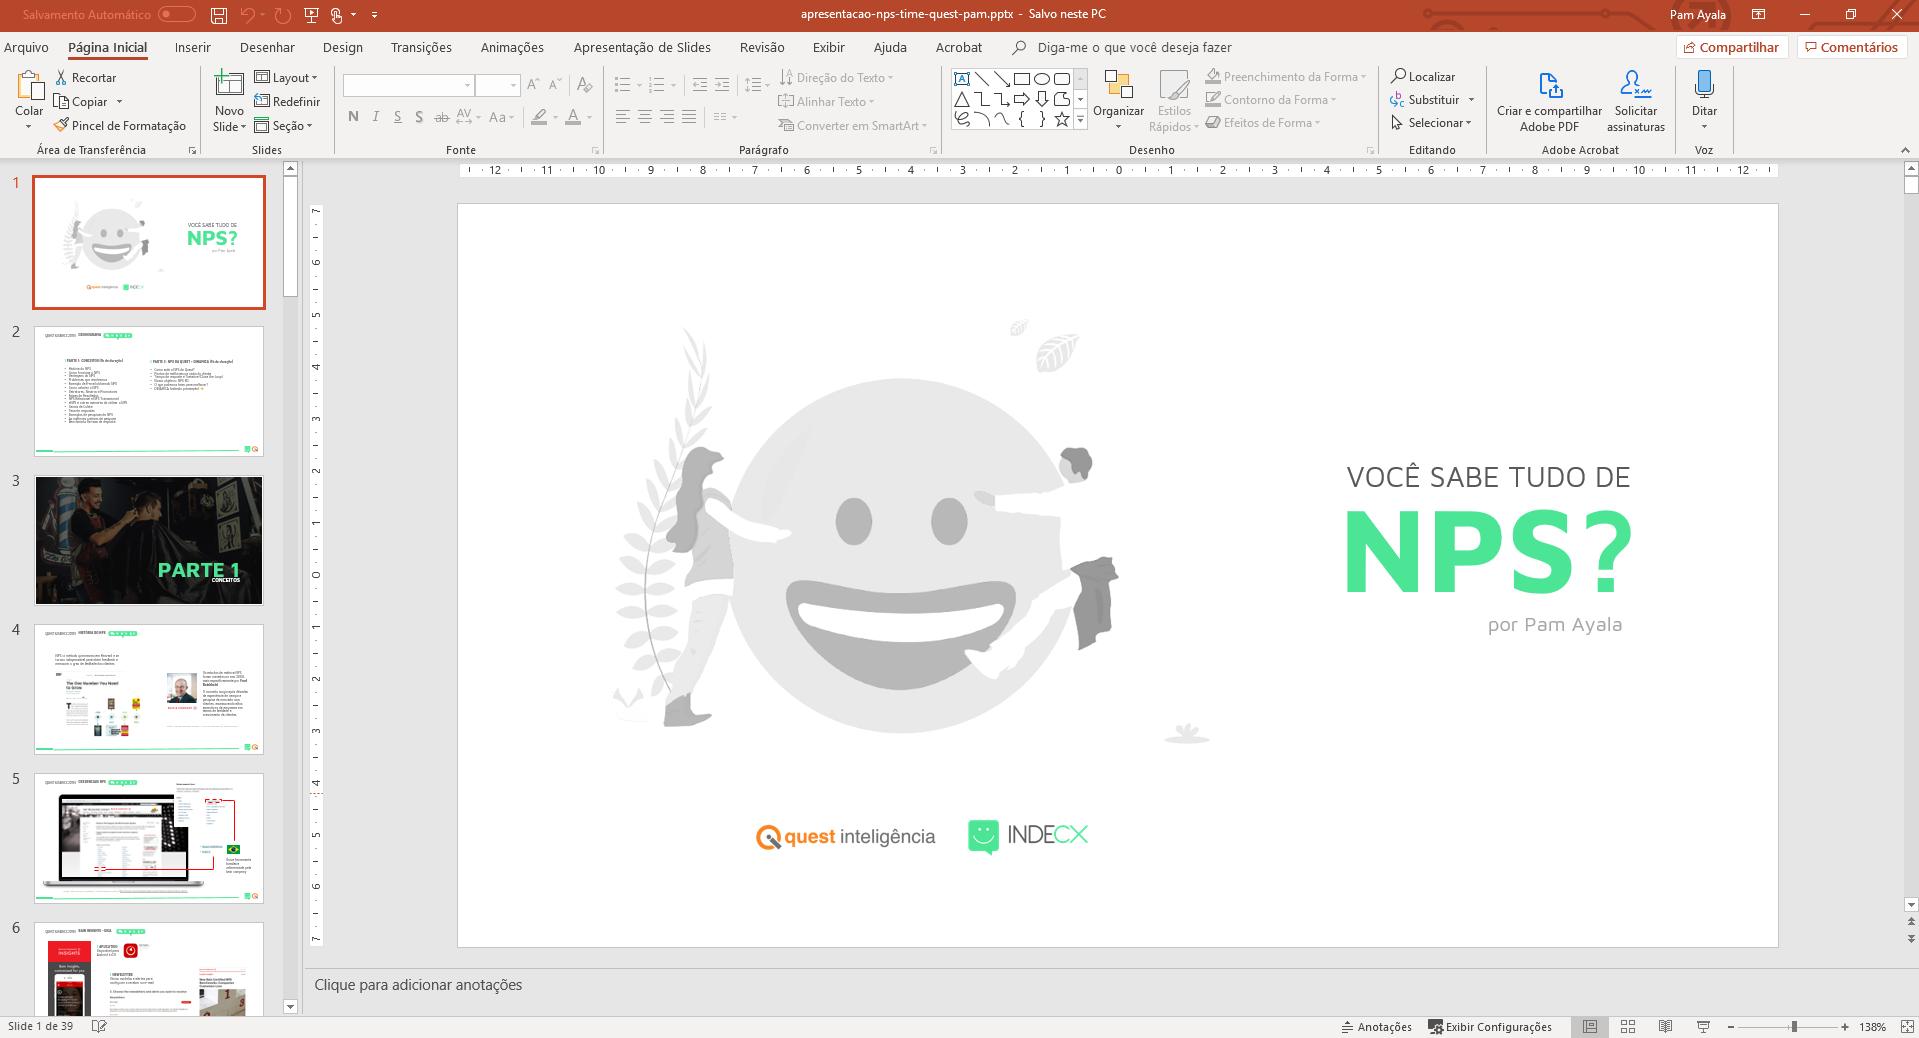 apresentacao-nps-net-promoter-score-ppt-pam-ayala-indecx